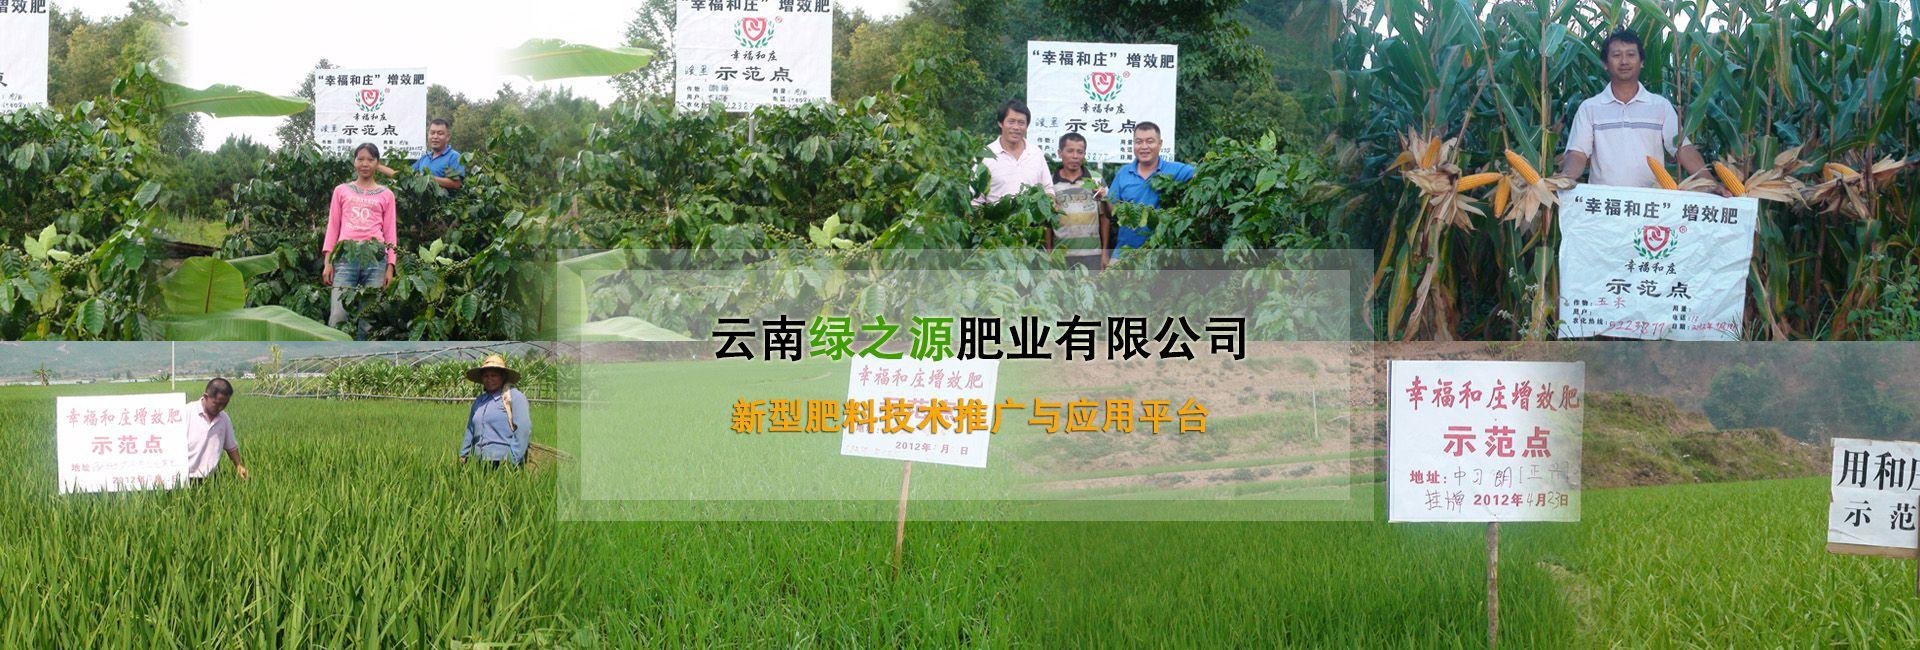 云南VWIN线上国际娱乐场肥业有限公司广告banner2